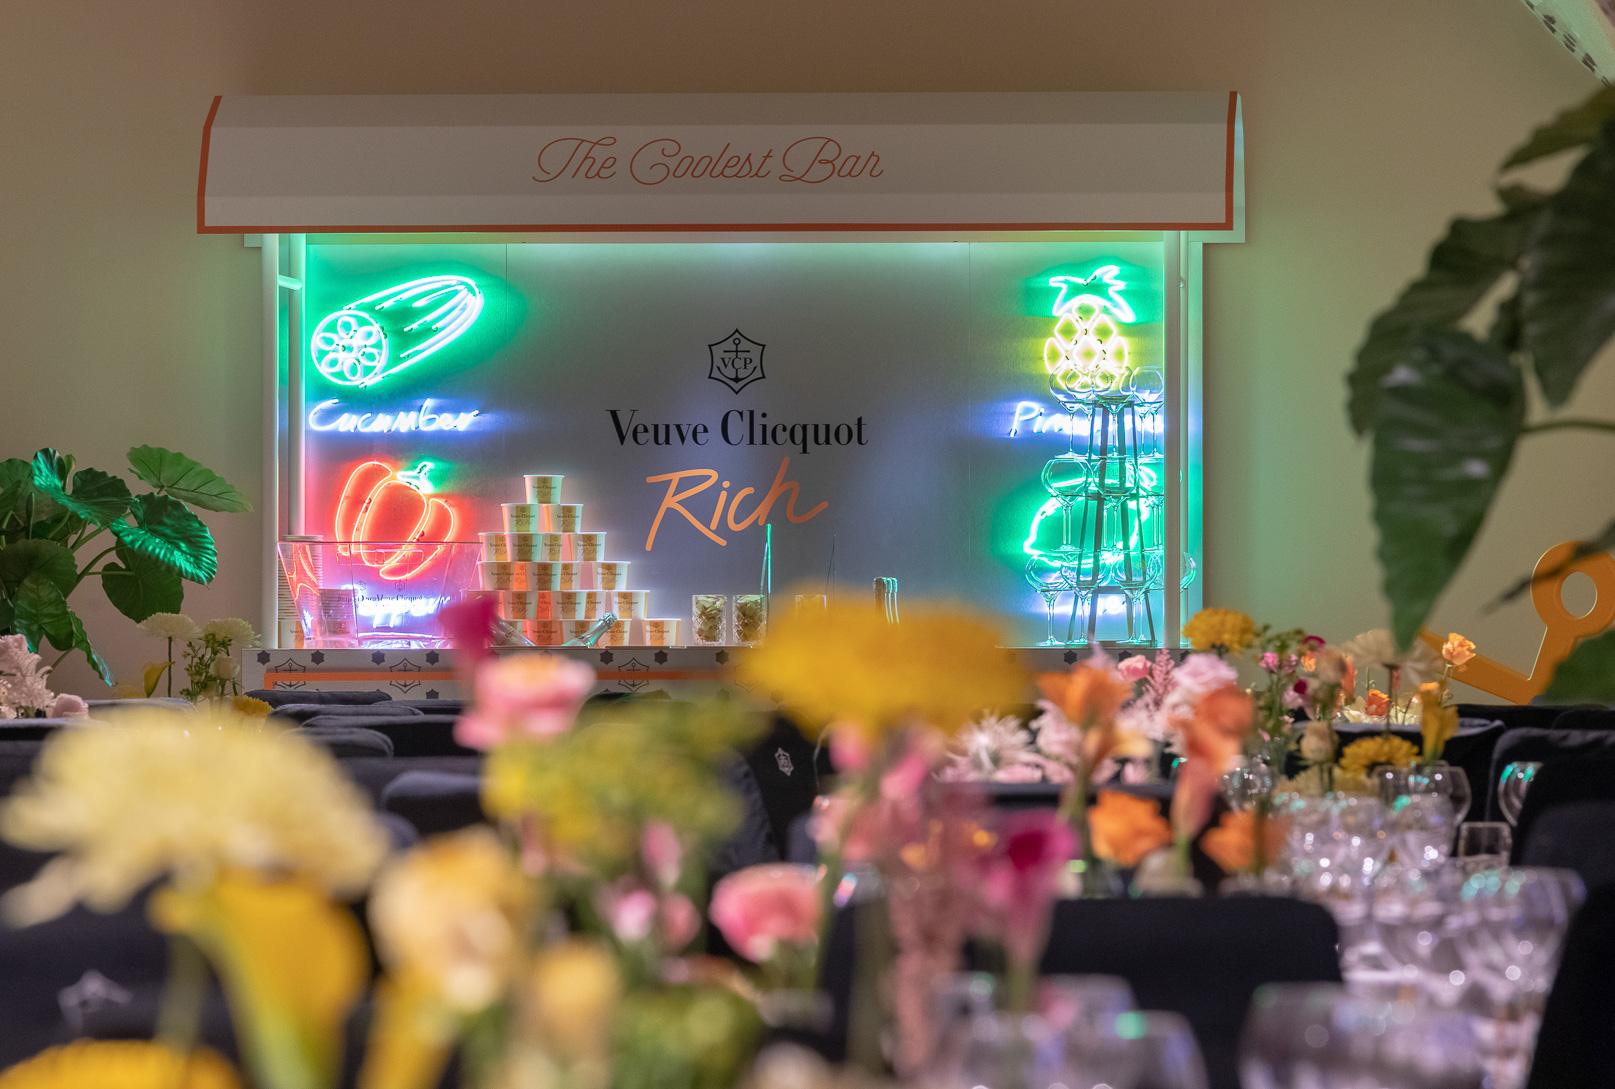 VEUVE-CLICQUOT_Coolest-Rich-Bar_SPIRITUEUX_Champagne-Bar-Evenementiel_PLANET-DESIGN-PARIS-Eric-Berthes_02.jpg